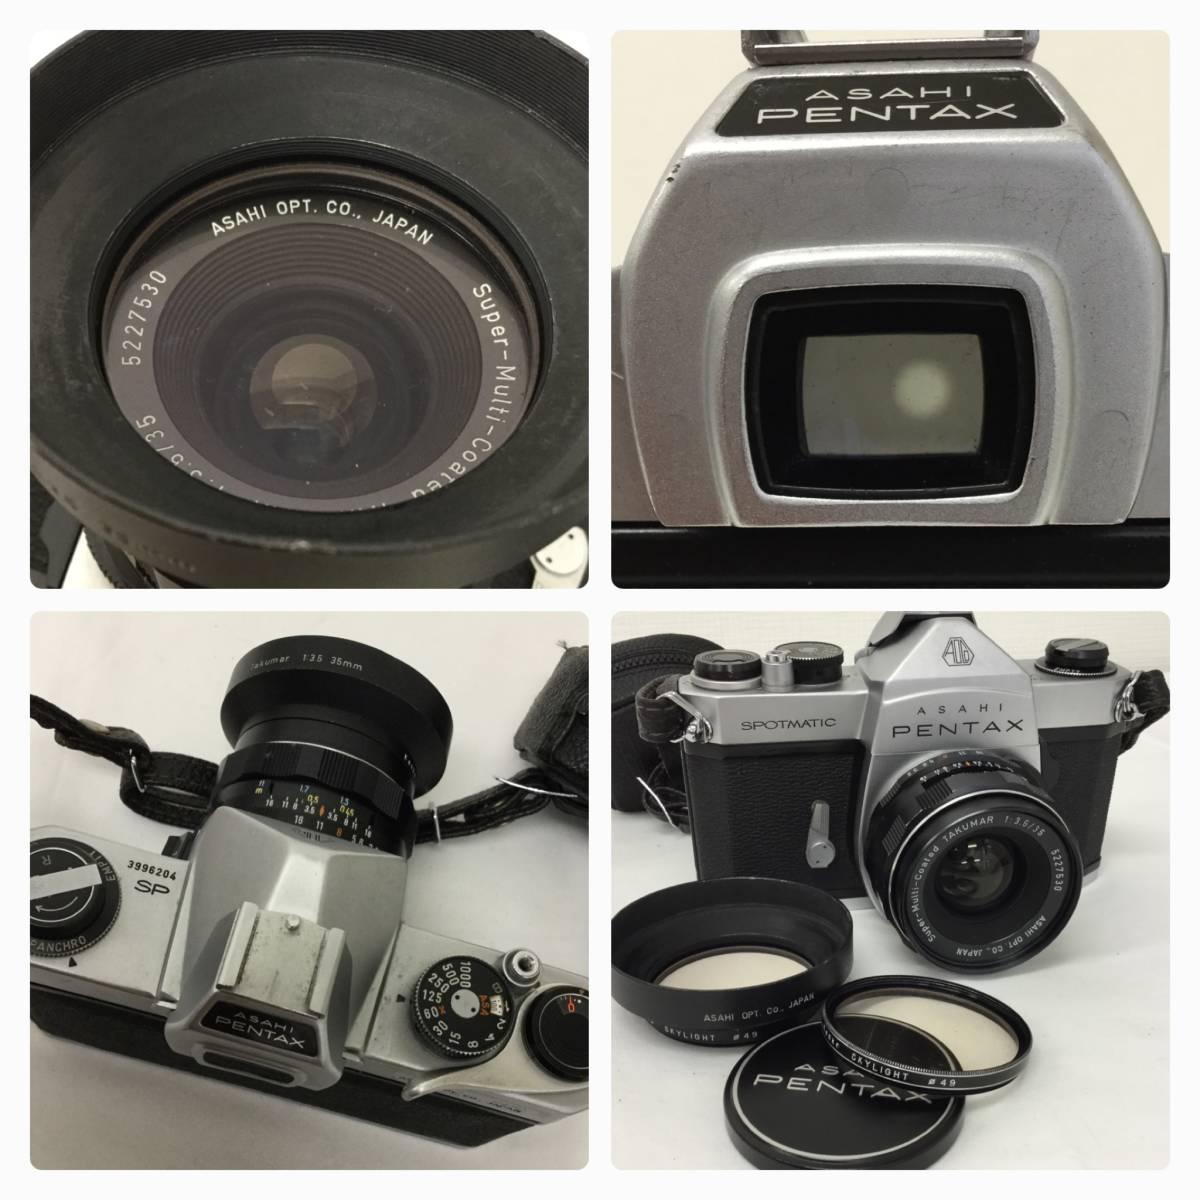 PENTAX ペンタックス ASAHI SPOTMATIC SP フィルム カメラ Coated TAKUMAR 1:3.5/35 レンズ _画像5